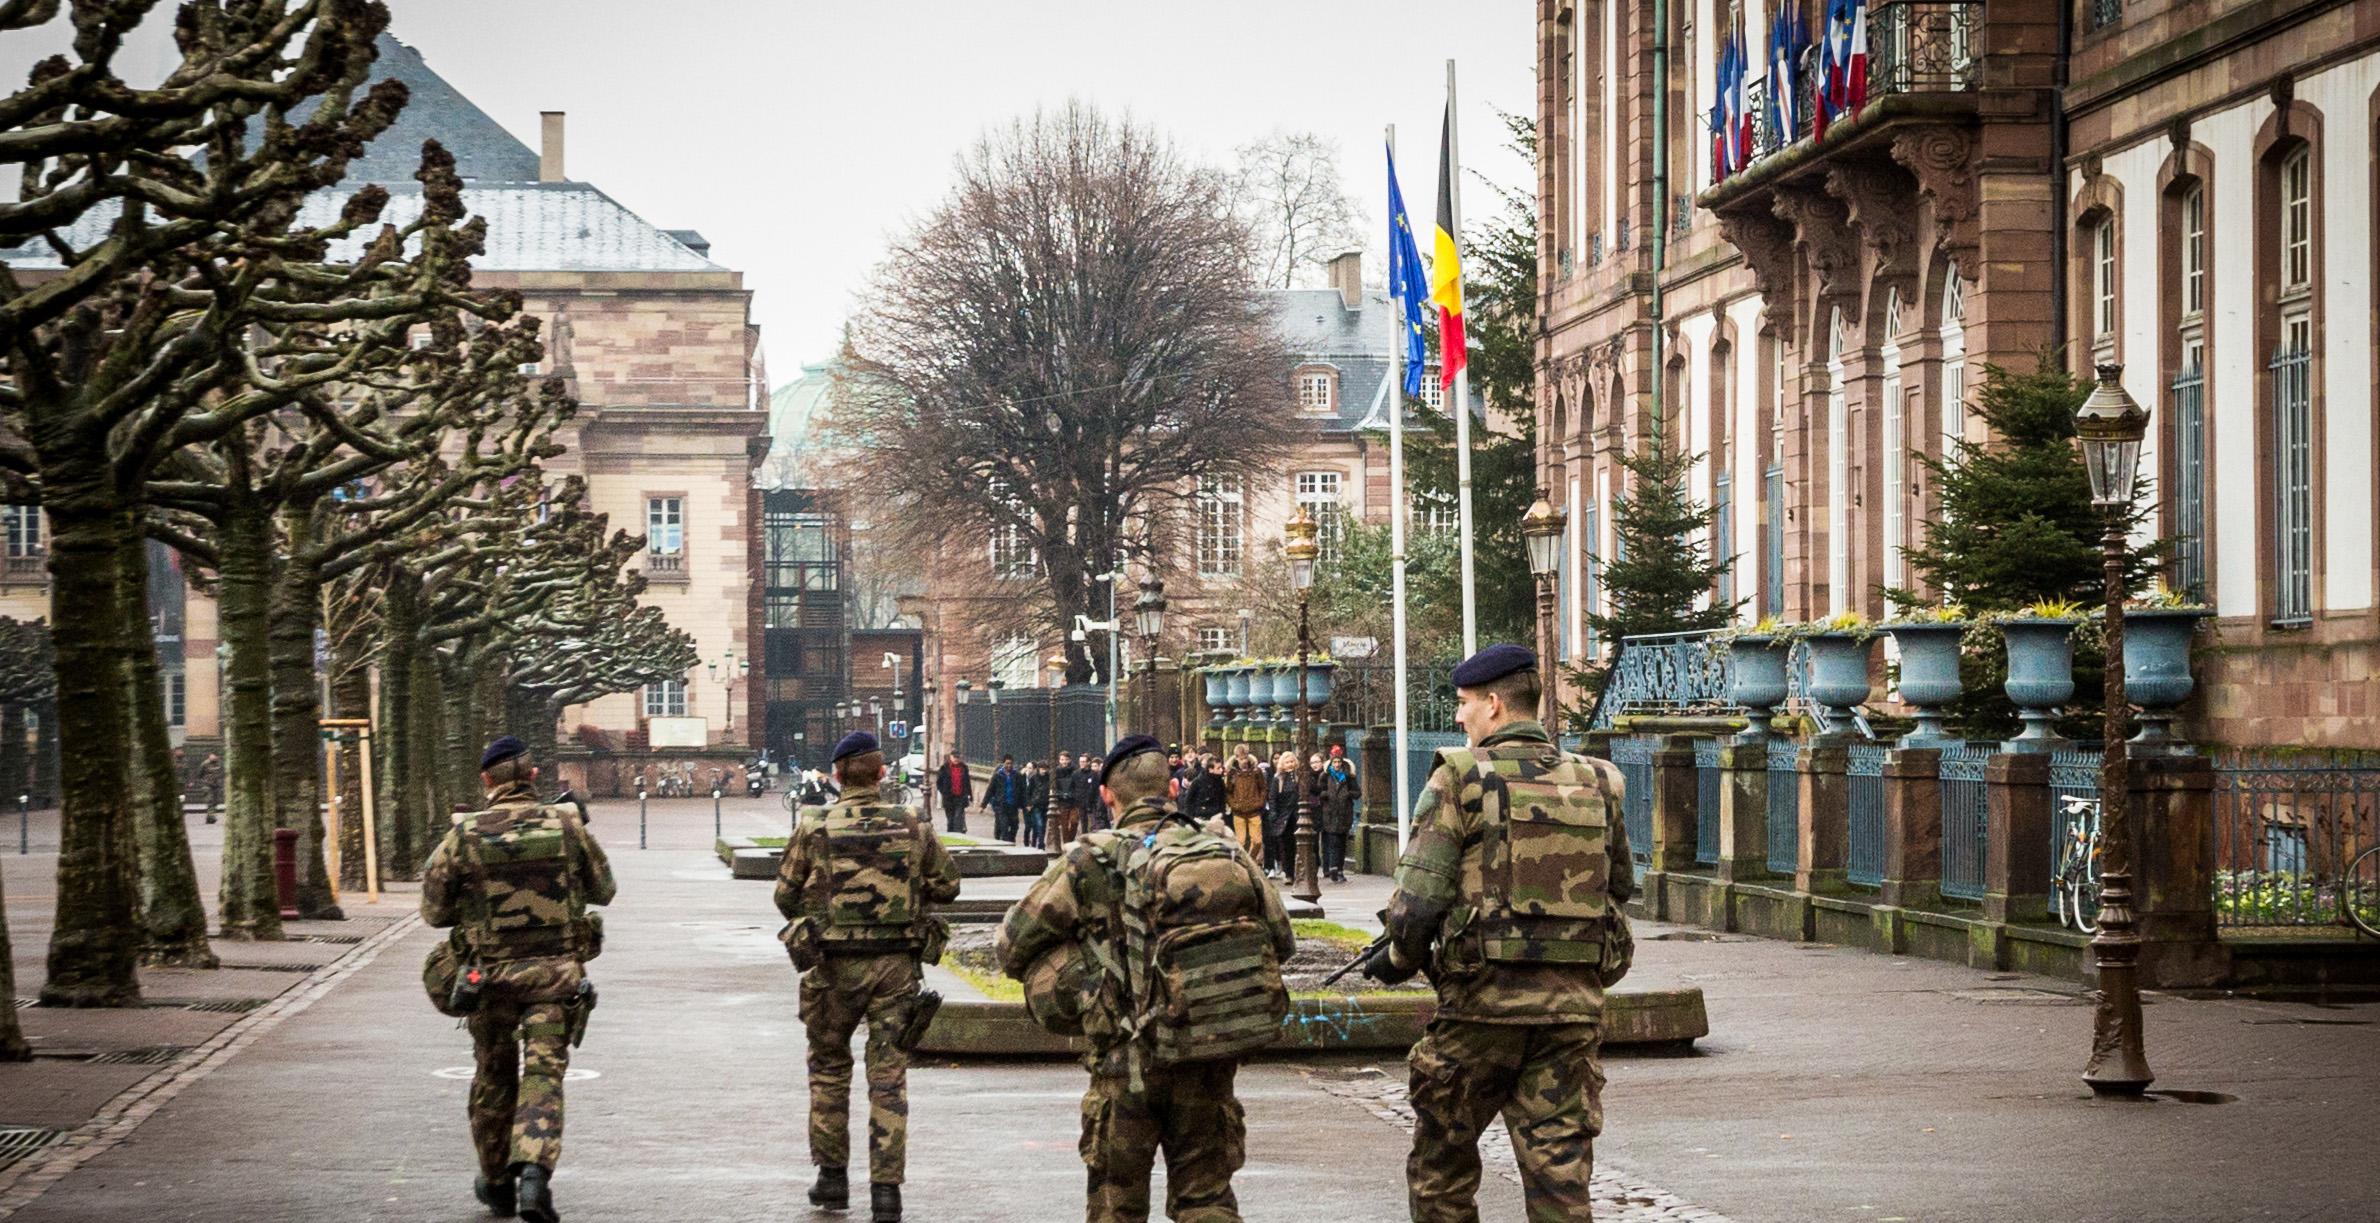 Controllo delle strade a Strasburgo - Credit: Wikimedia Commons